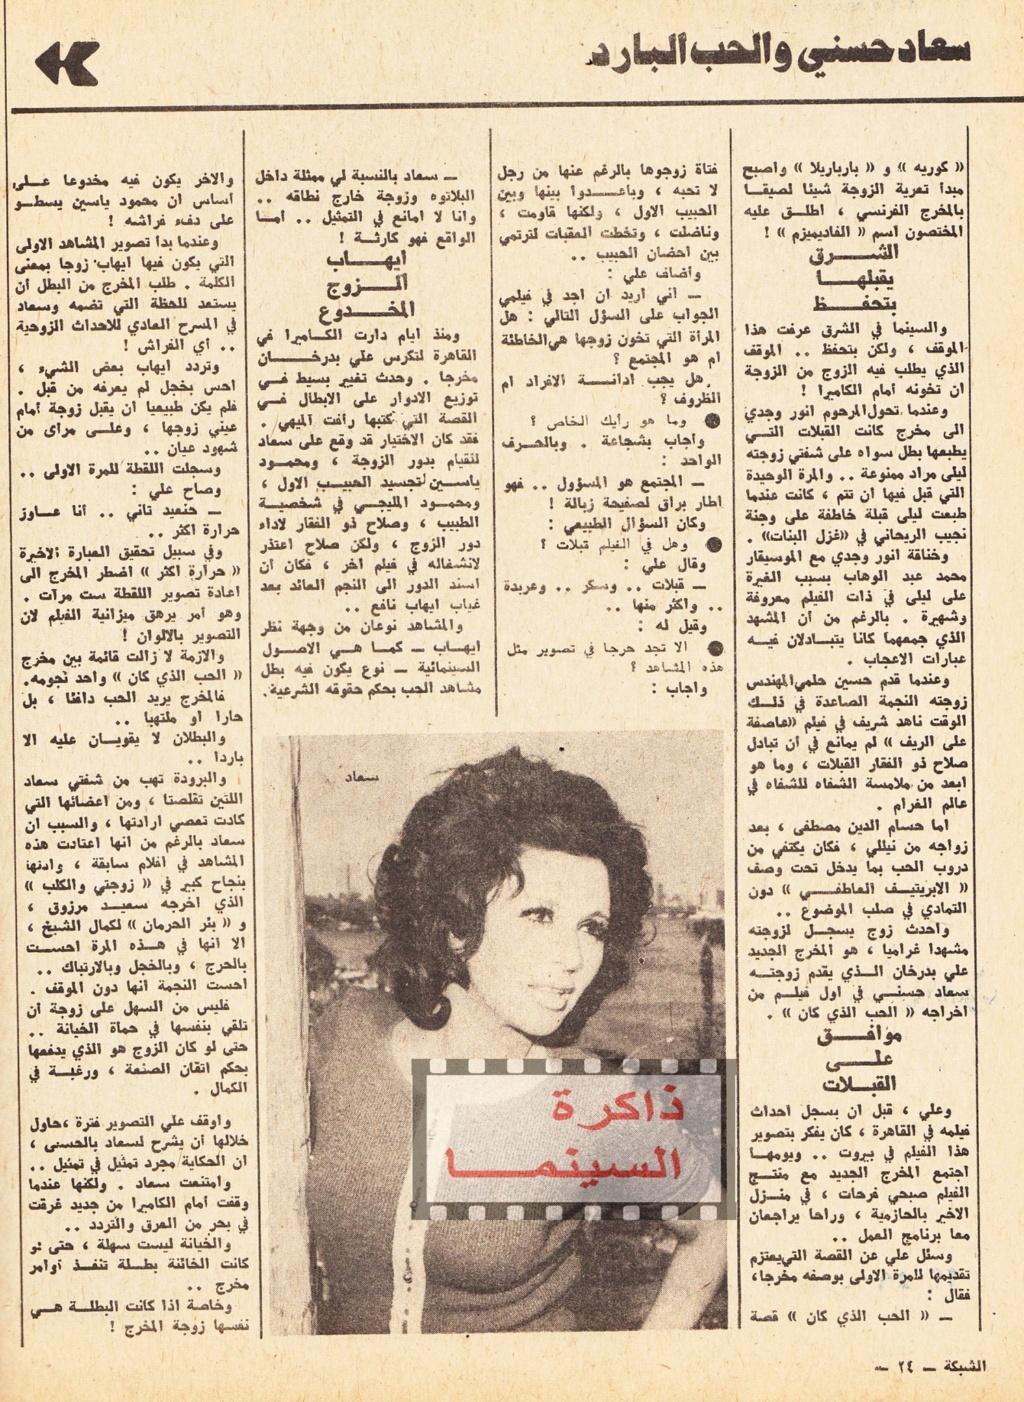 مقال - مقال صحفي : سعاد حسني والحب البارد 1972 م 397